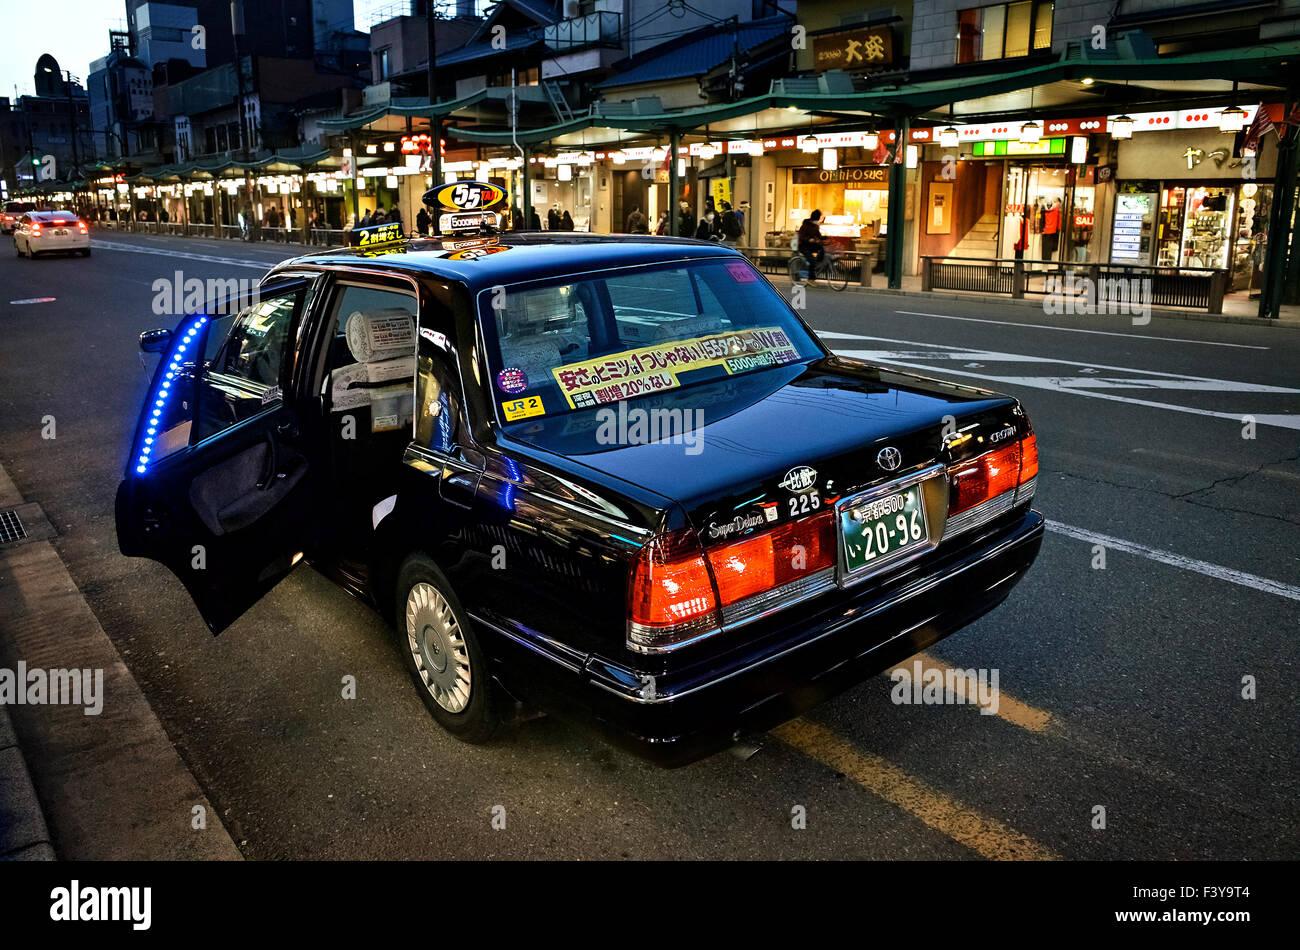 La isla de Japón, Honshu, Kansai, Kyoto, taxi esperando en el distrito Gion. Imagen De Stock